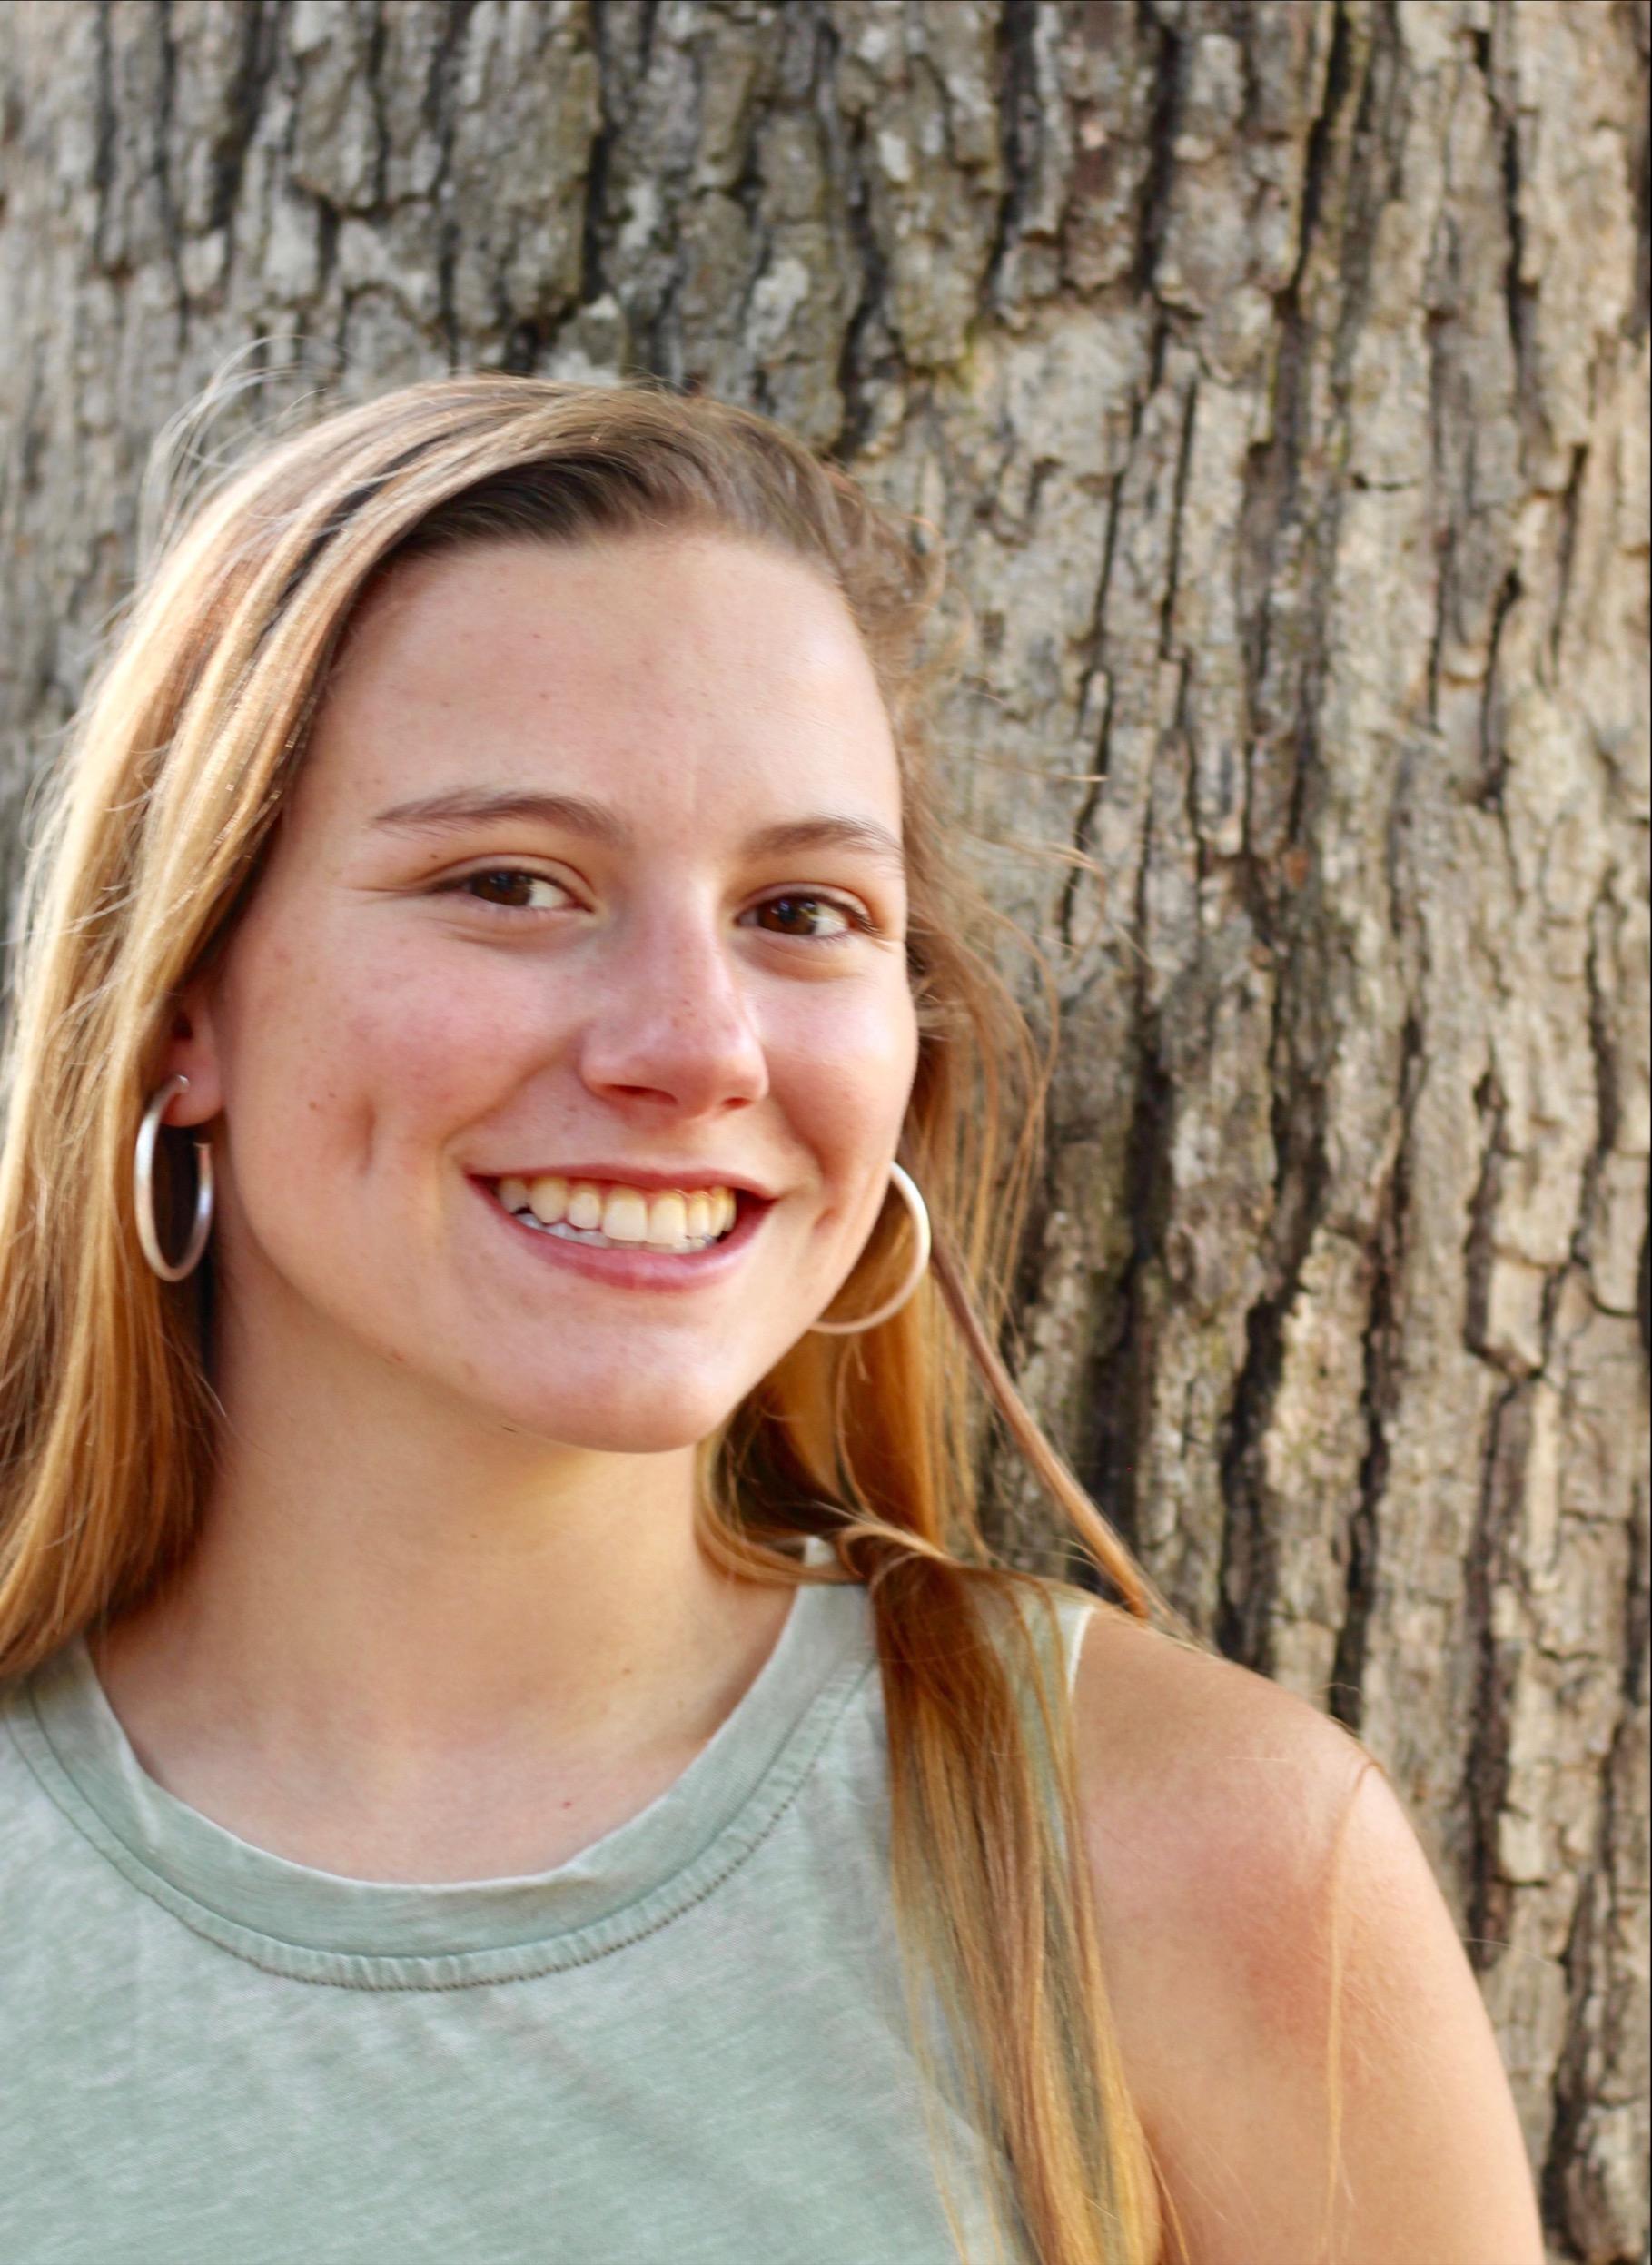 Haley Sloop